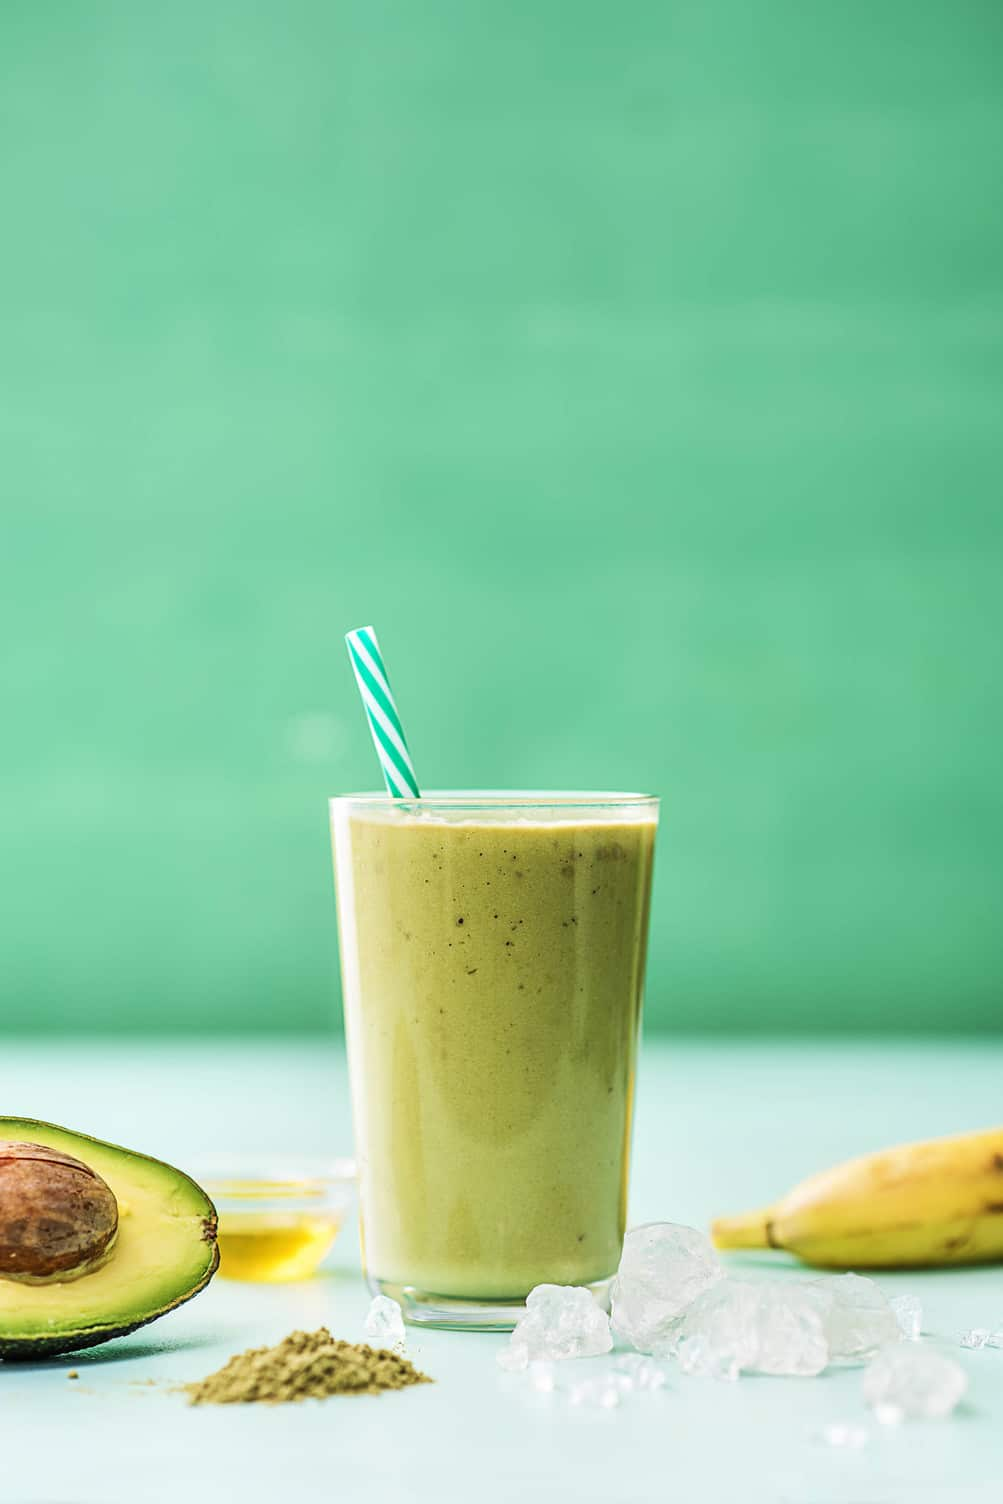 green smoothies-HelloFresh-avocado